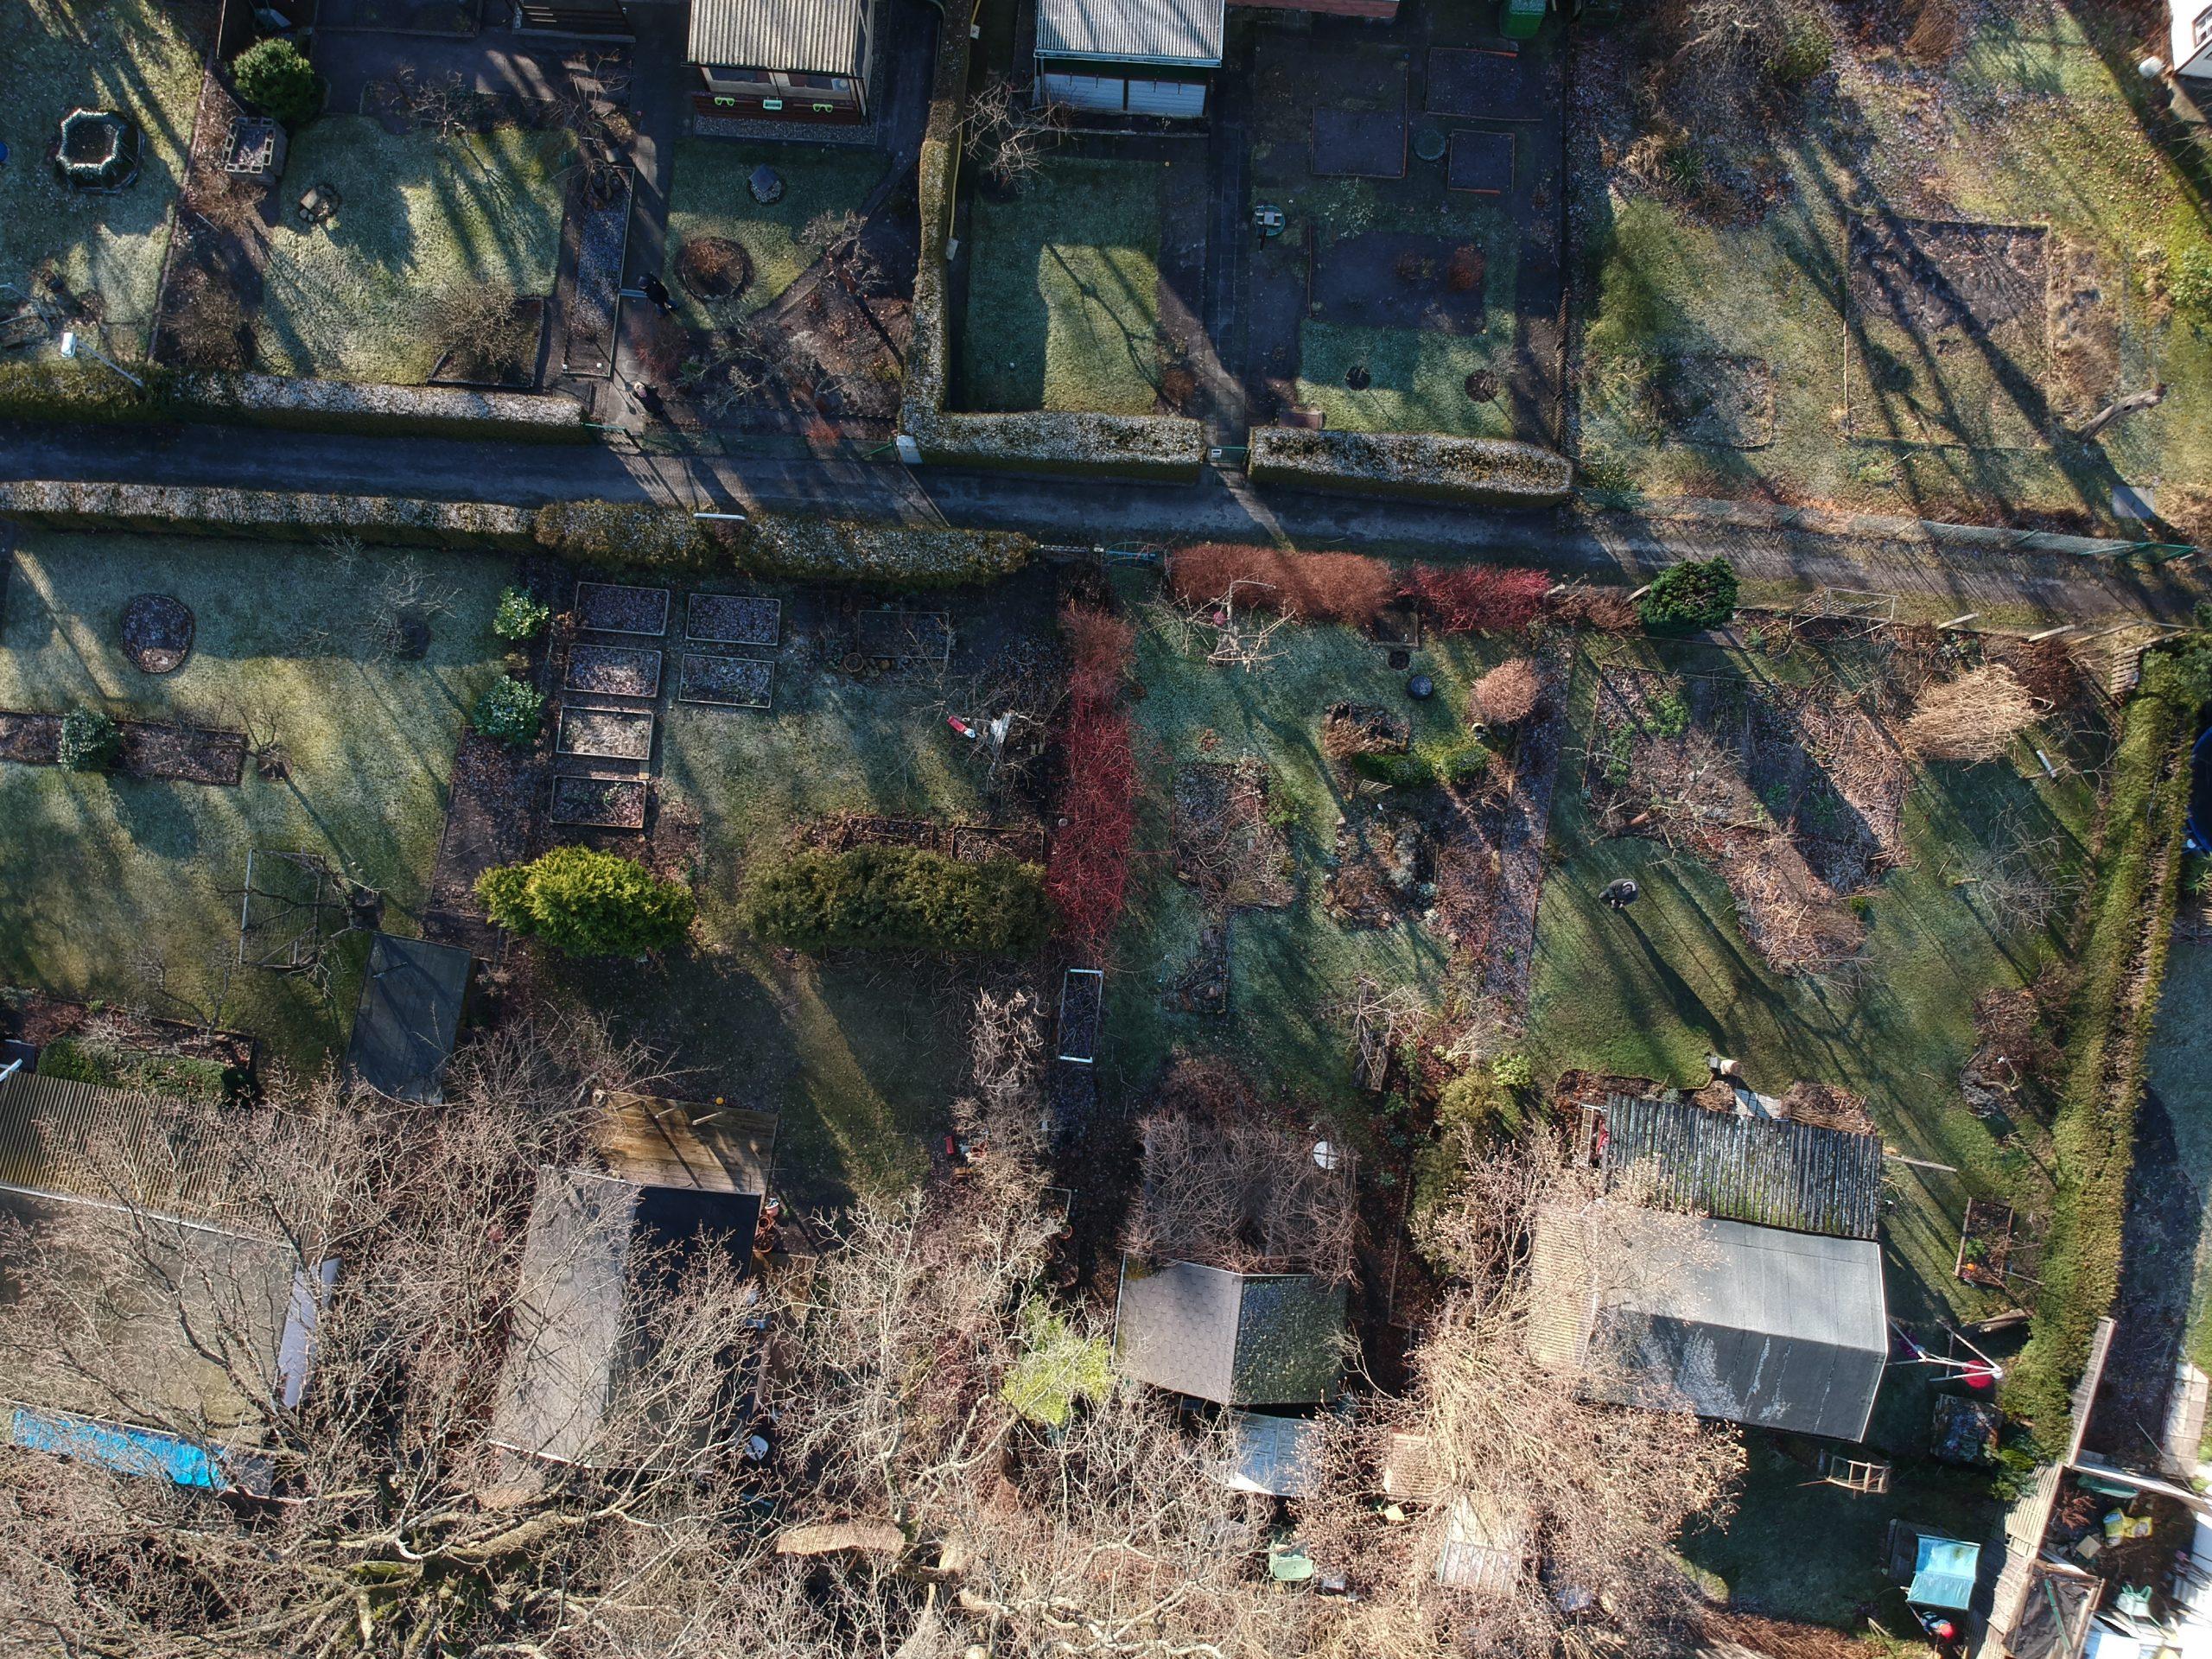 Drohne über dem Garten